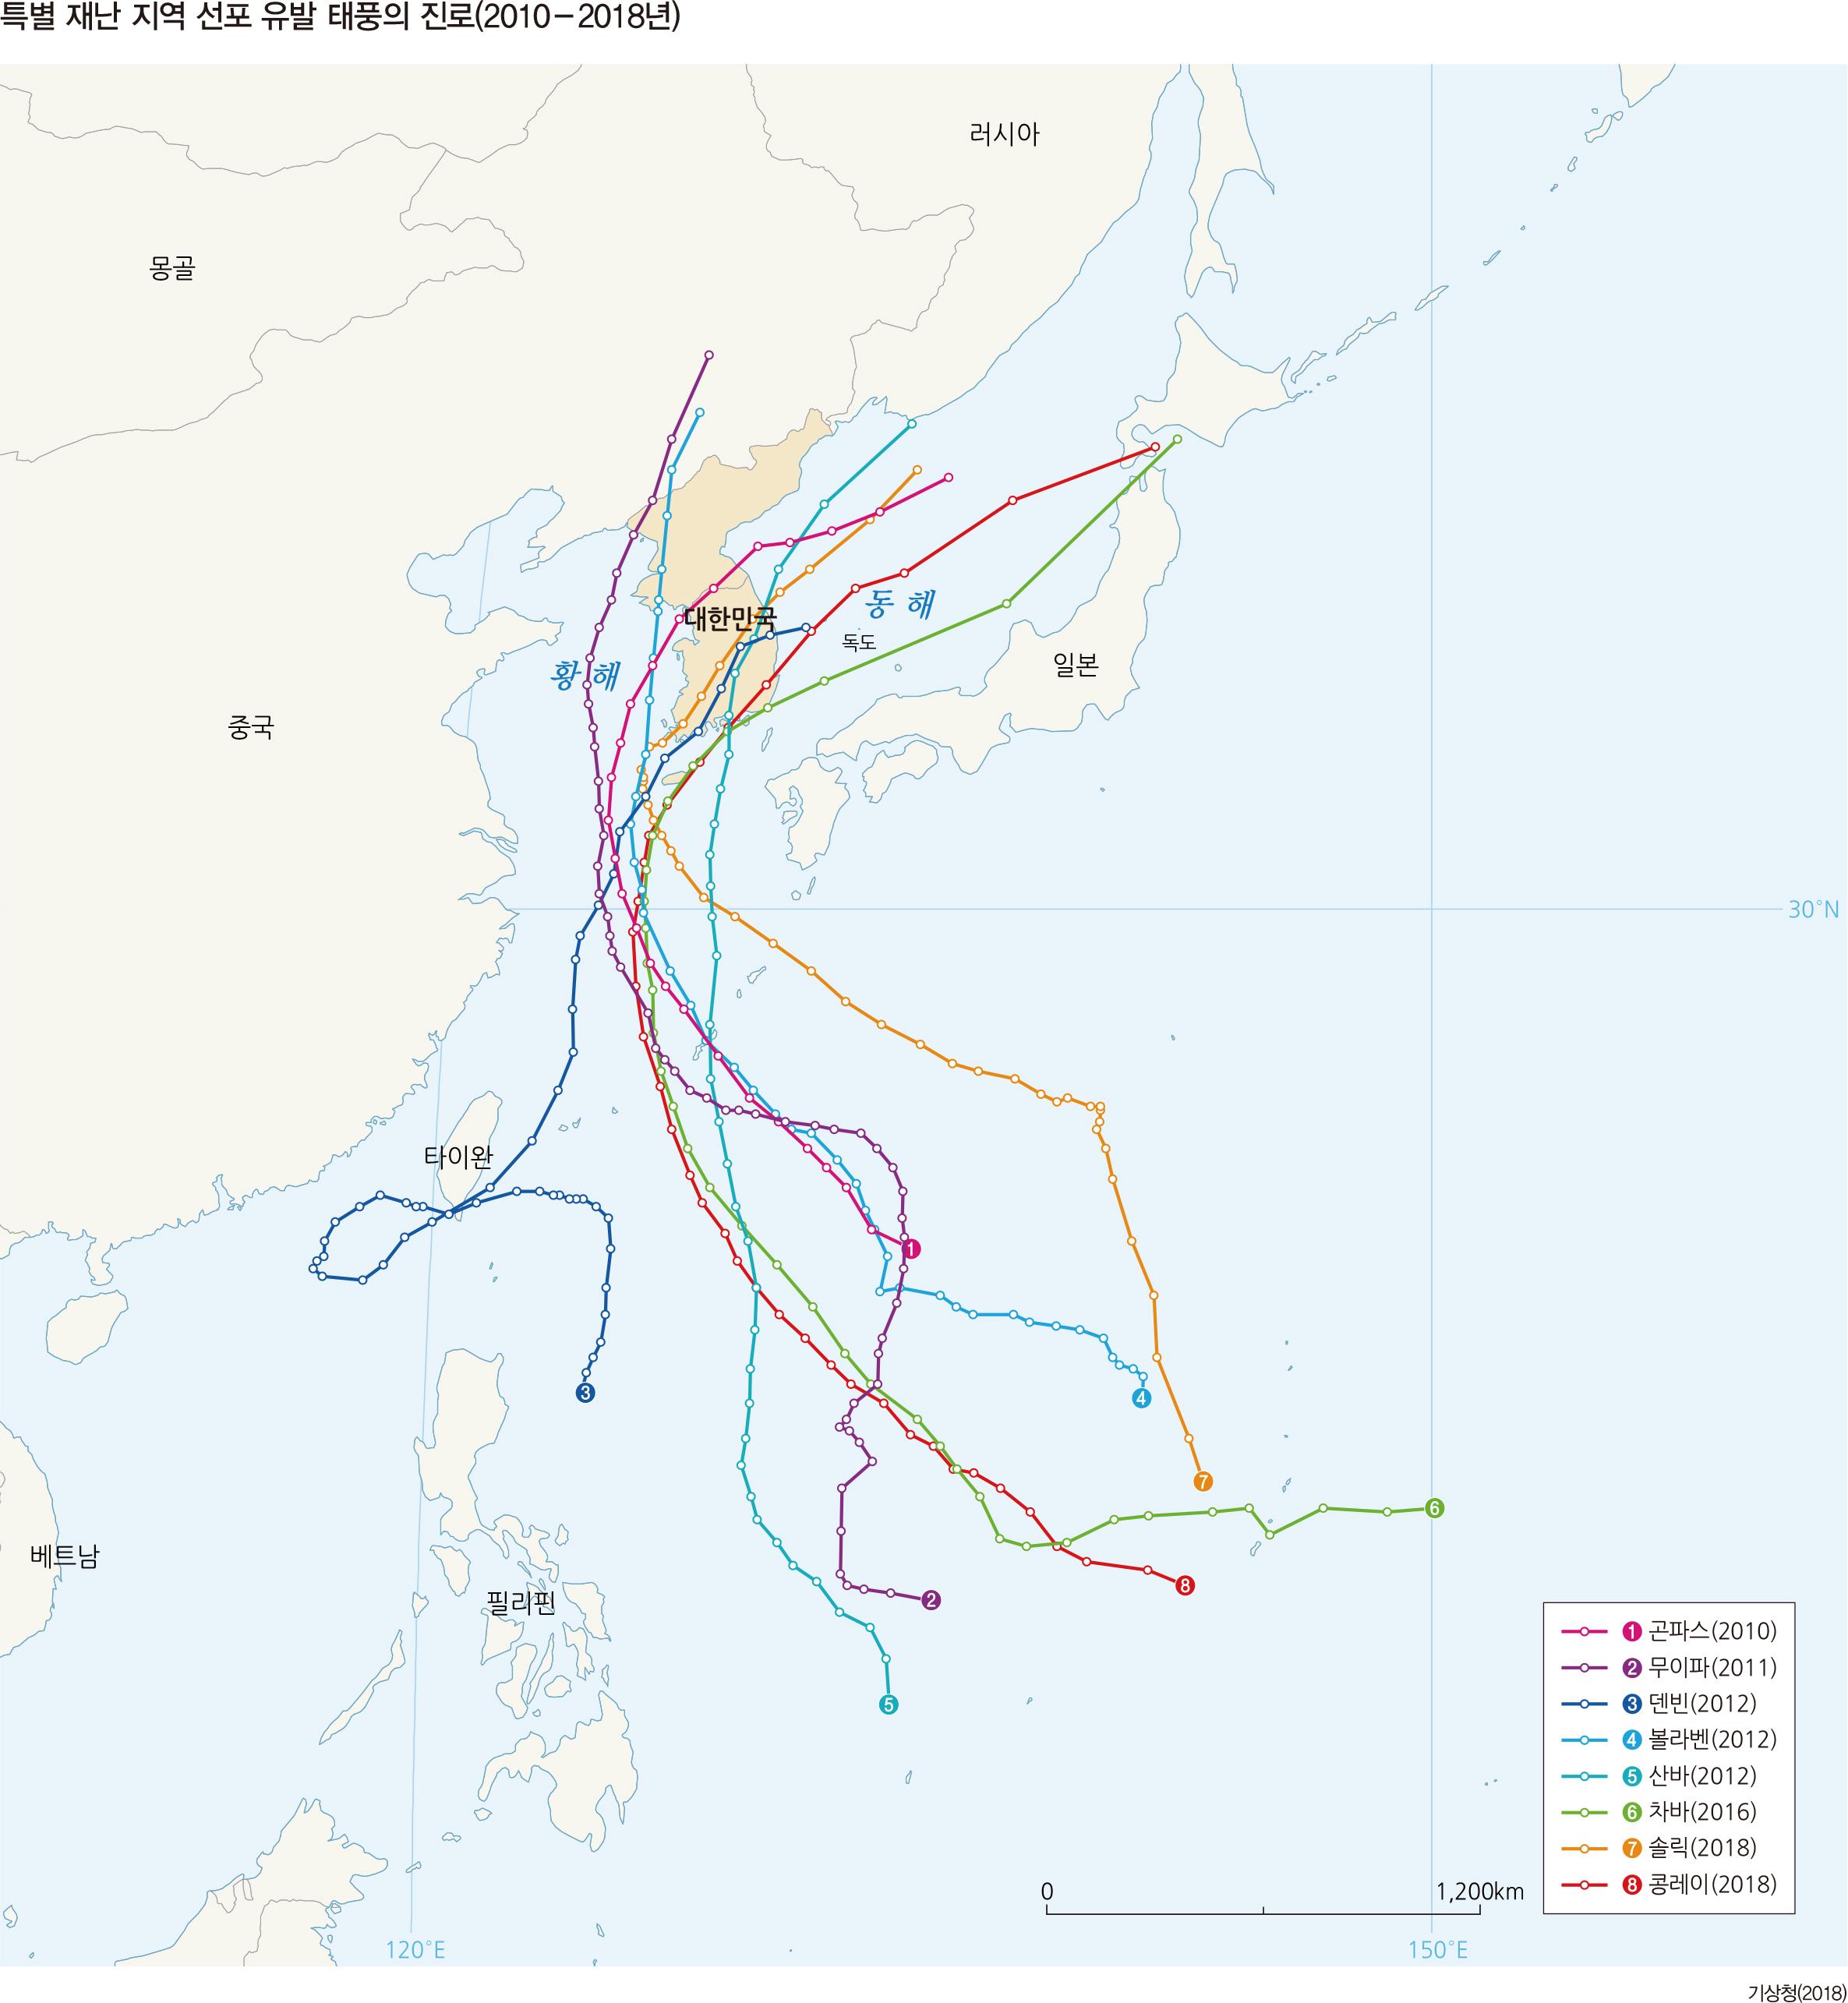 특별 재난 지역 선포 유발 태풍의 진로(2010-2018년)